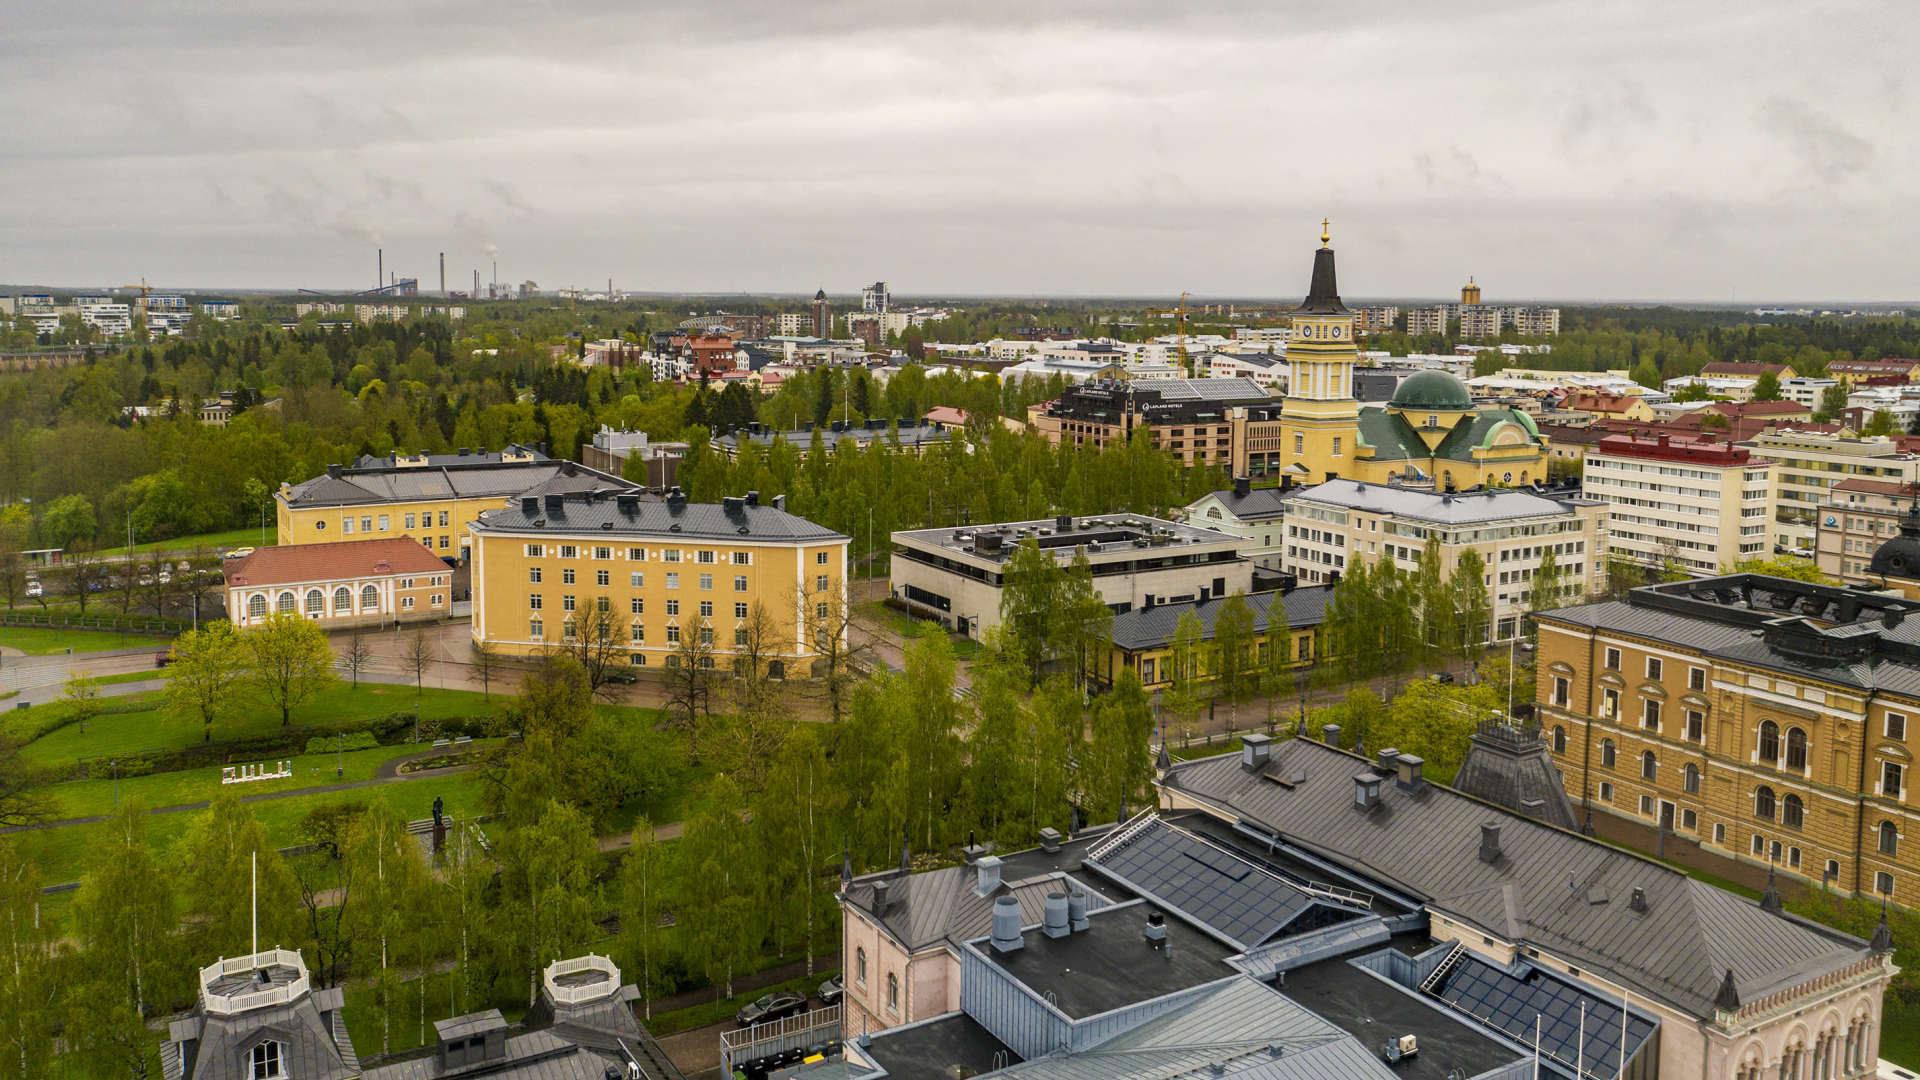 Oulun kaupunkia droonista kuvattuna.